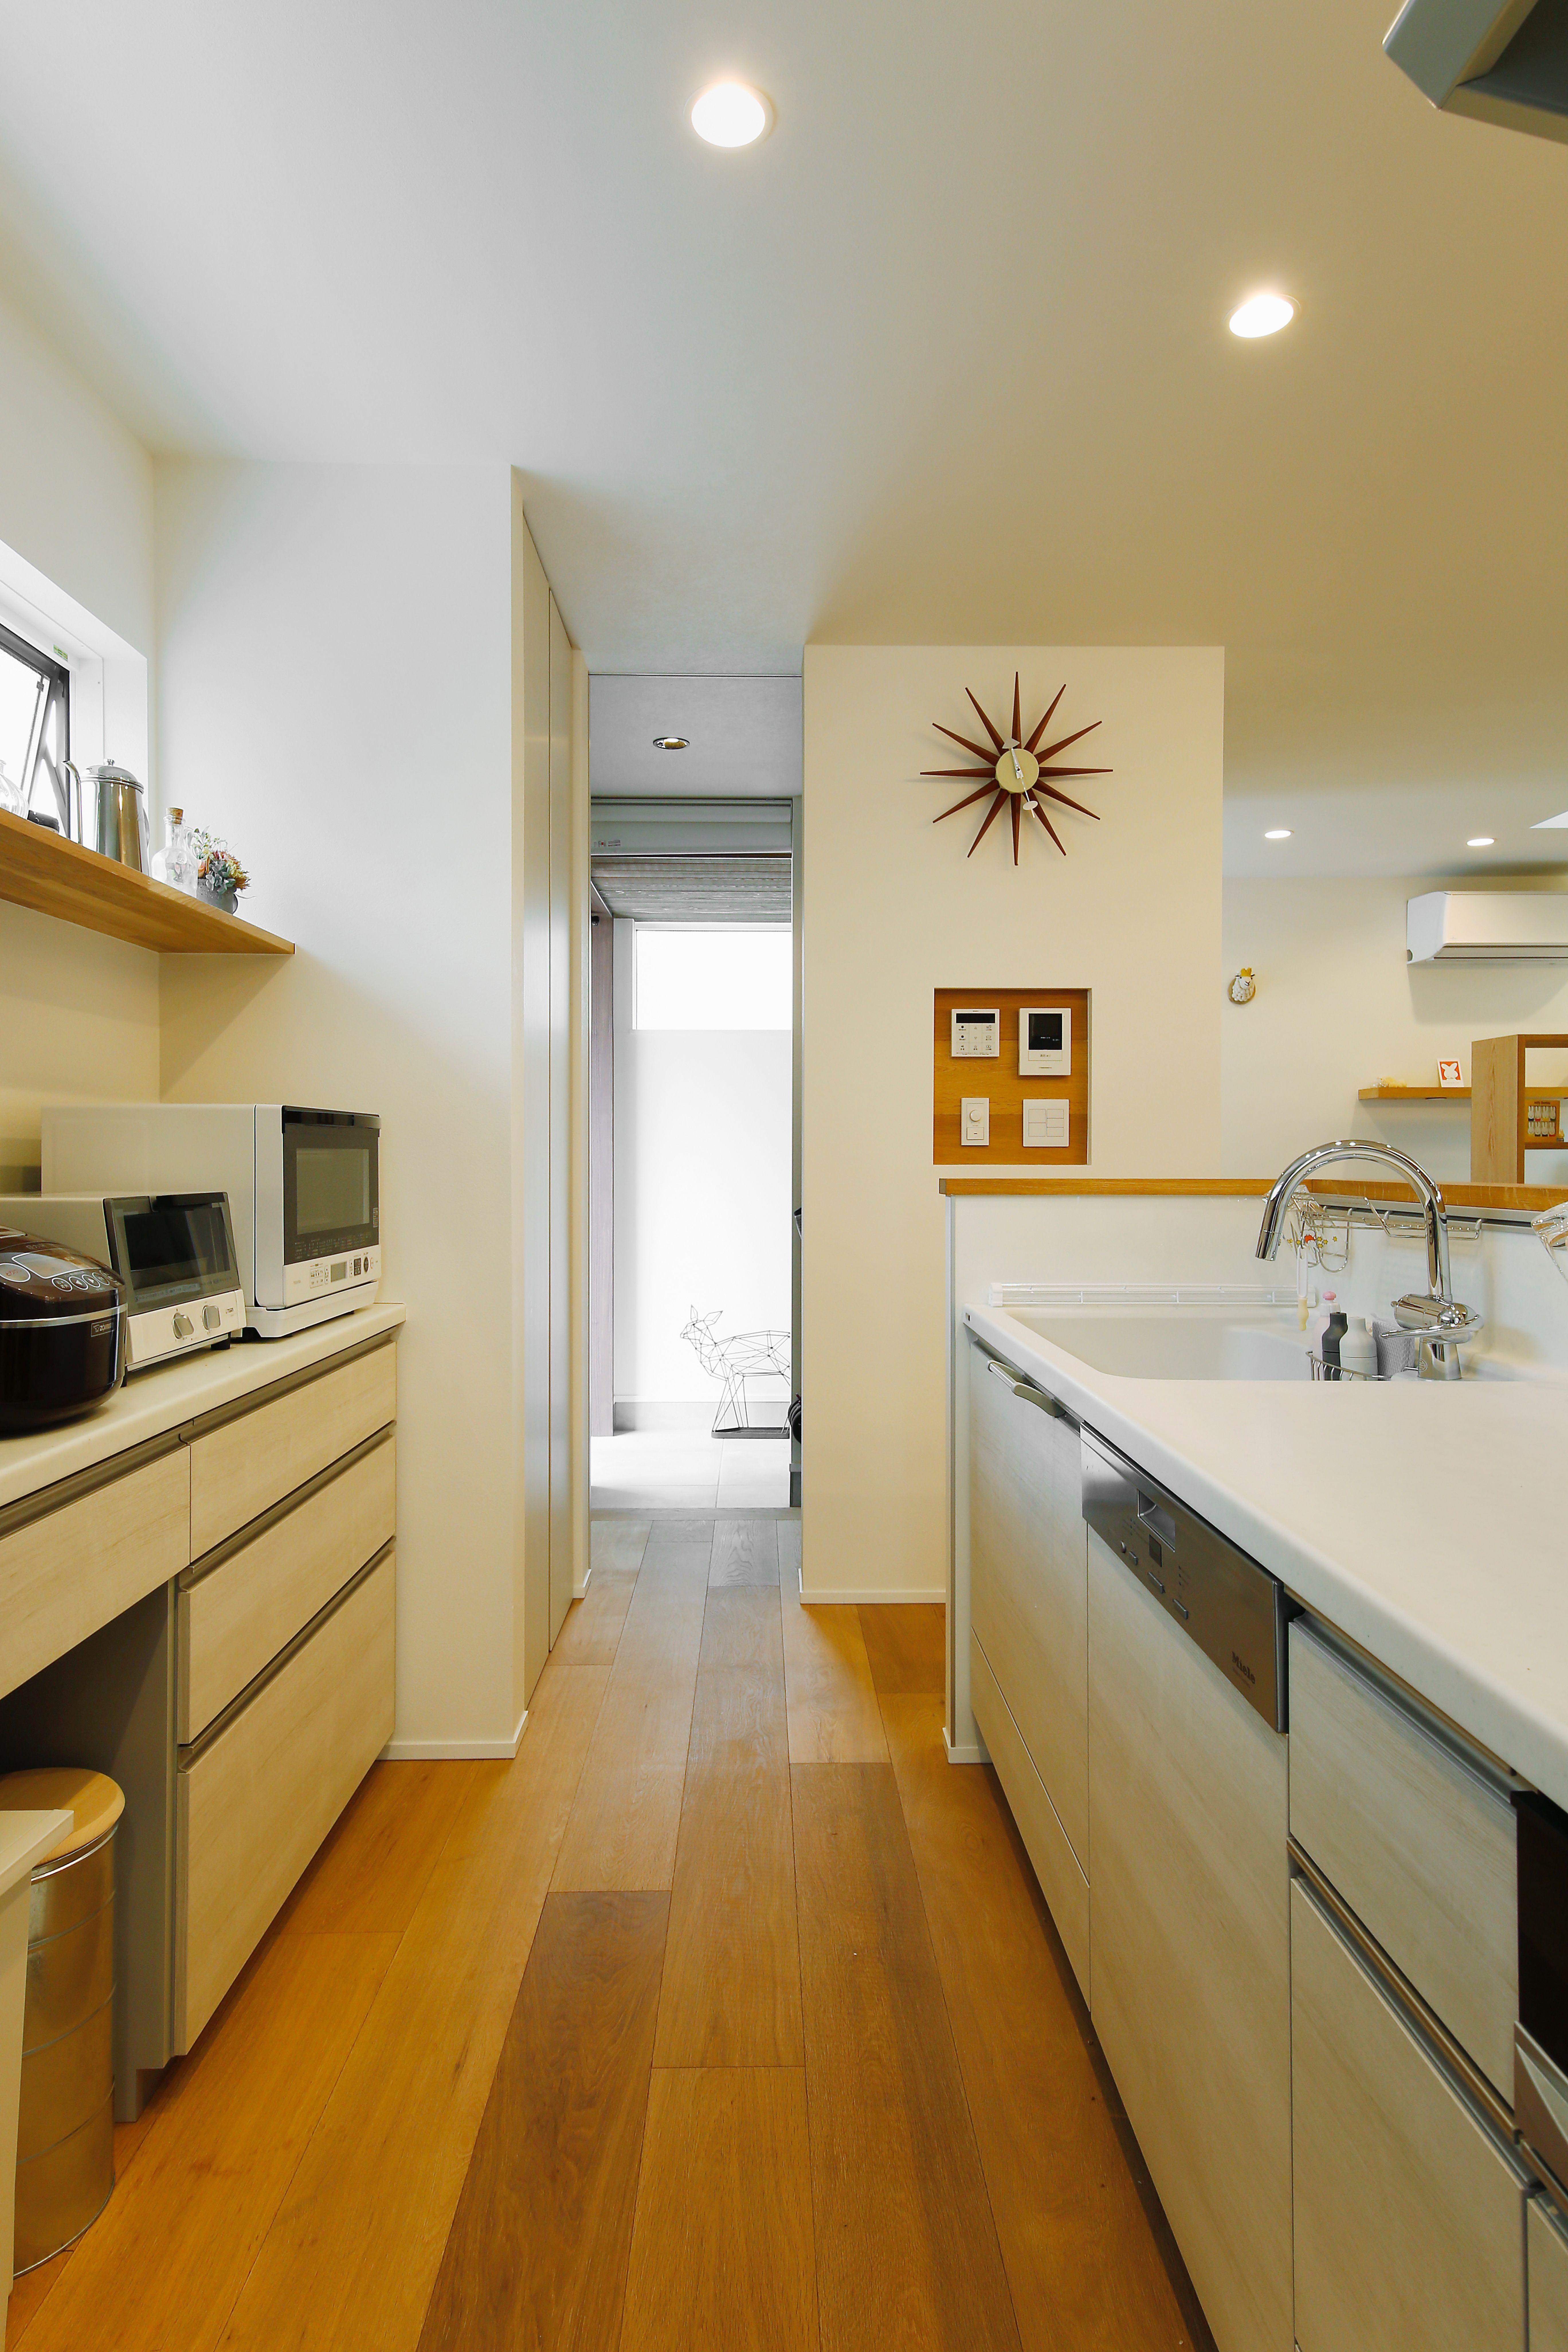 シンプルな北欧スタイルに統一されたキッチン Regard Homedeco